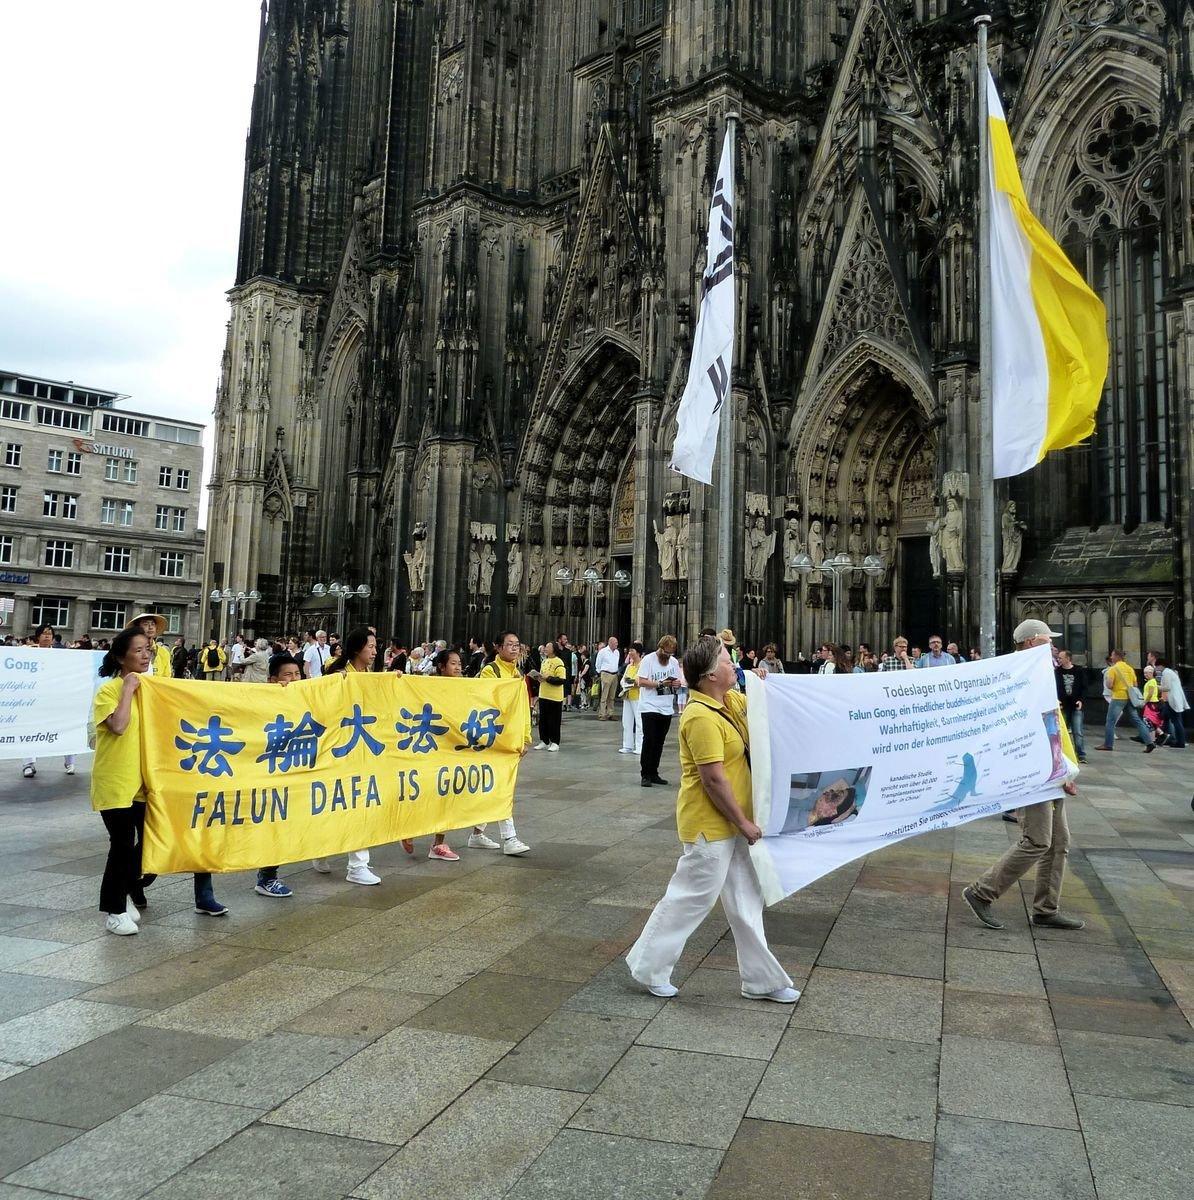 法輪功學員在科隆舉辦遊行,背景是著名的科隆大教堂。(明慧網)